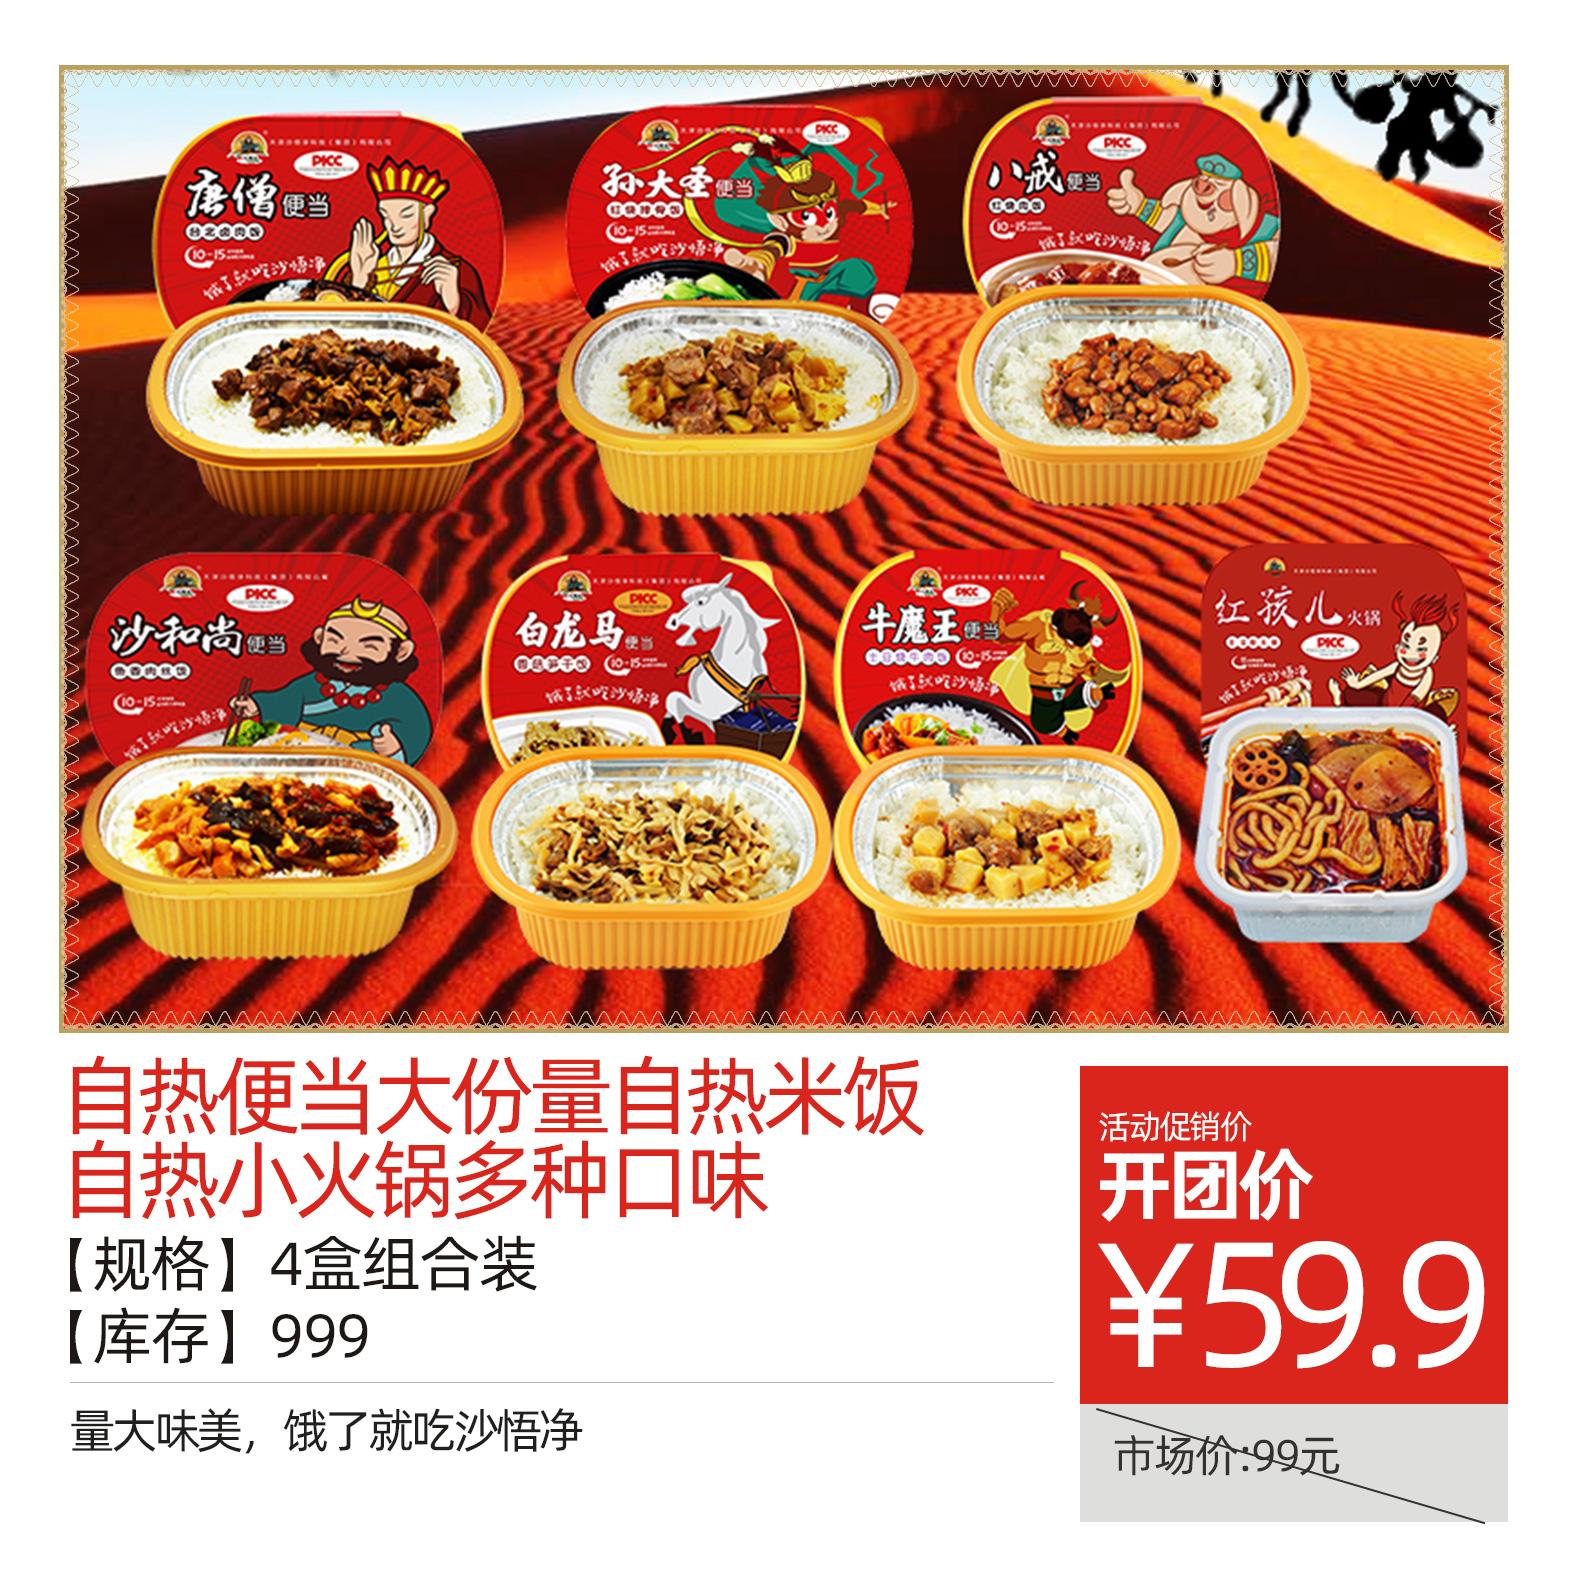 自热便当大份量自热米饭自热小火锅多种口味